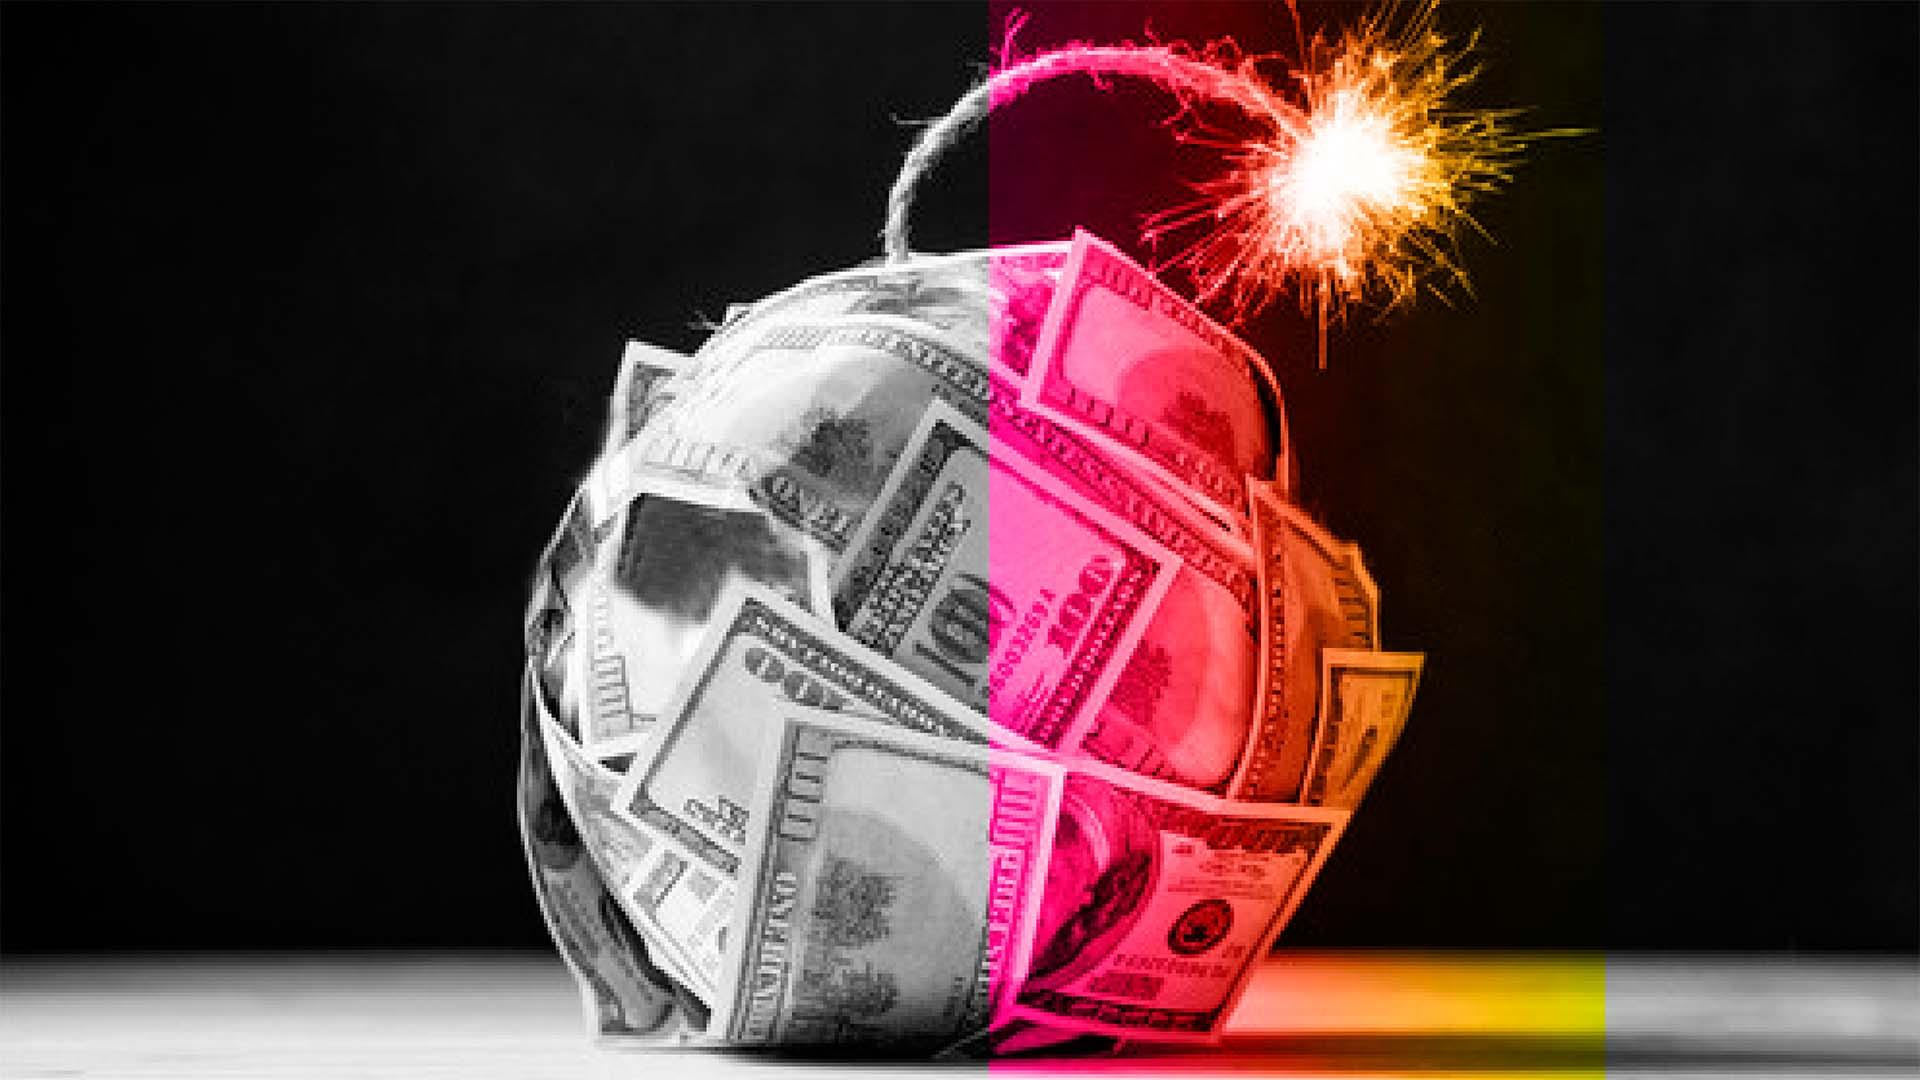 Precios en dólares y salarios en bolívares, por Julio Castillo Sagarzazu